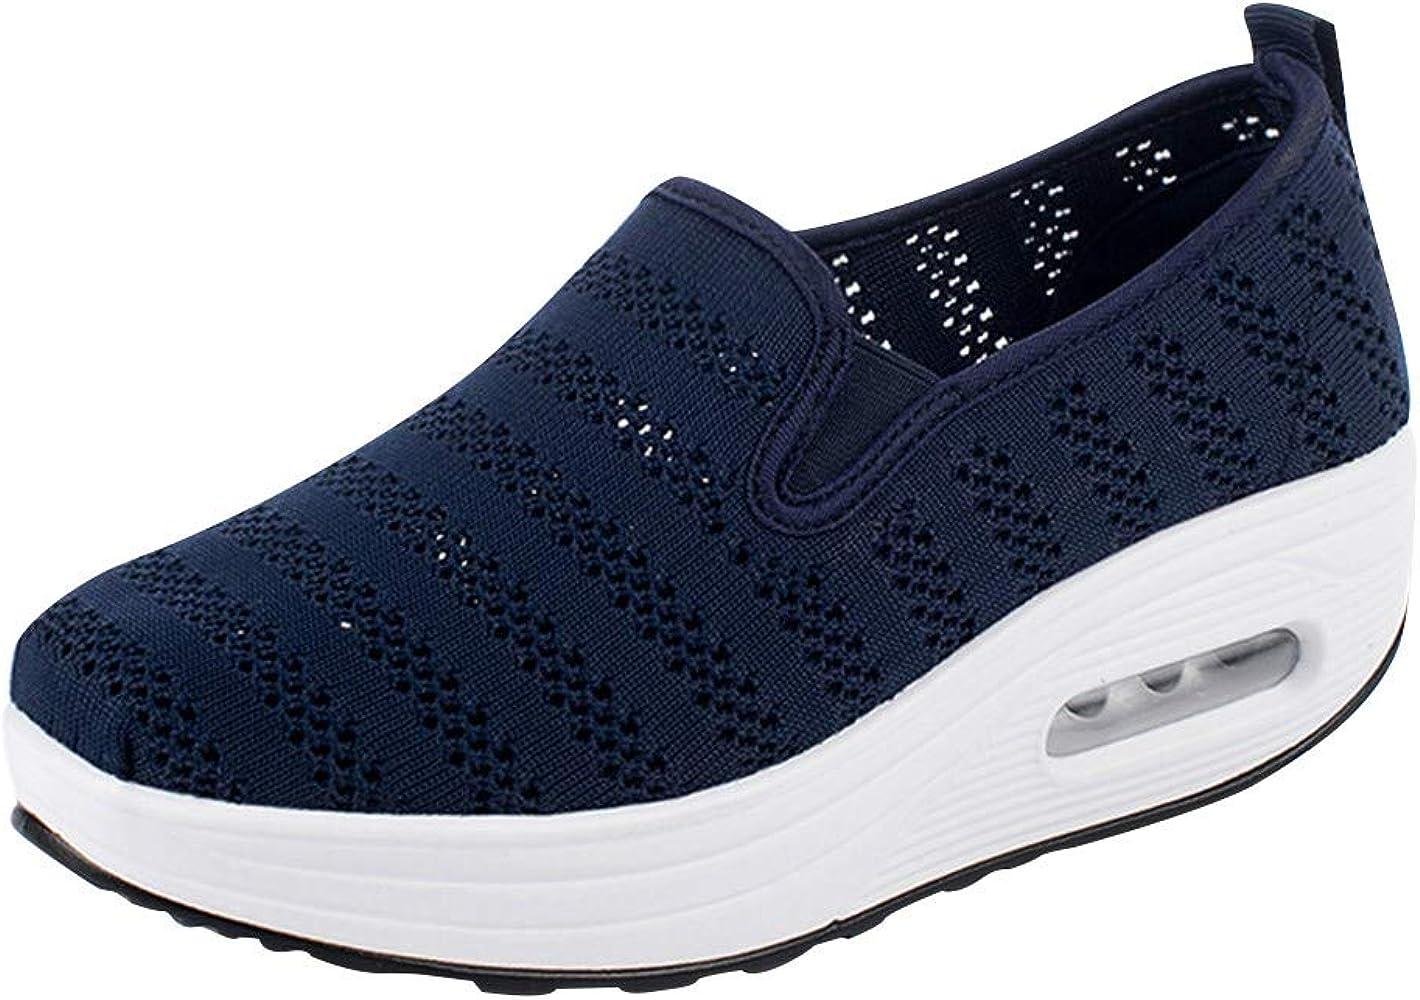 Zapatillas Planas para Mujer,ZARLLE Zapatos con Cordones Zapatos Deportivos Sneakers Running Zapatos,Fondo Grueso Zapatos Casuales: Amazon.es: Ropa y accesorios